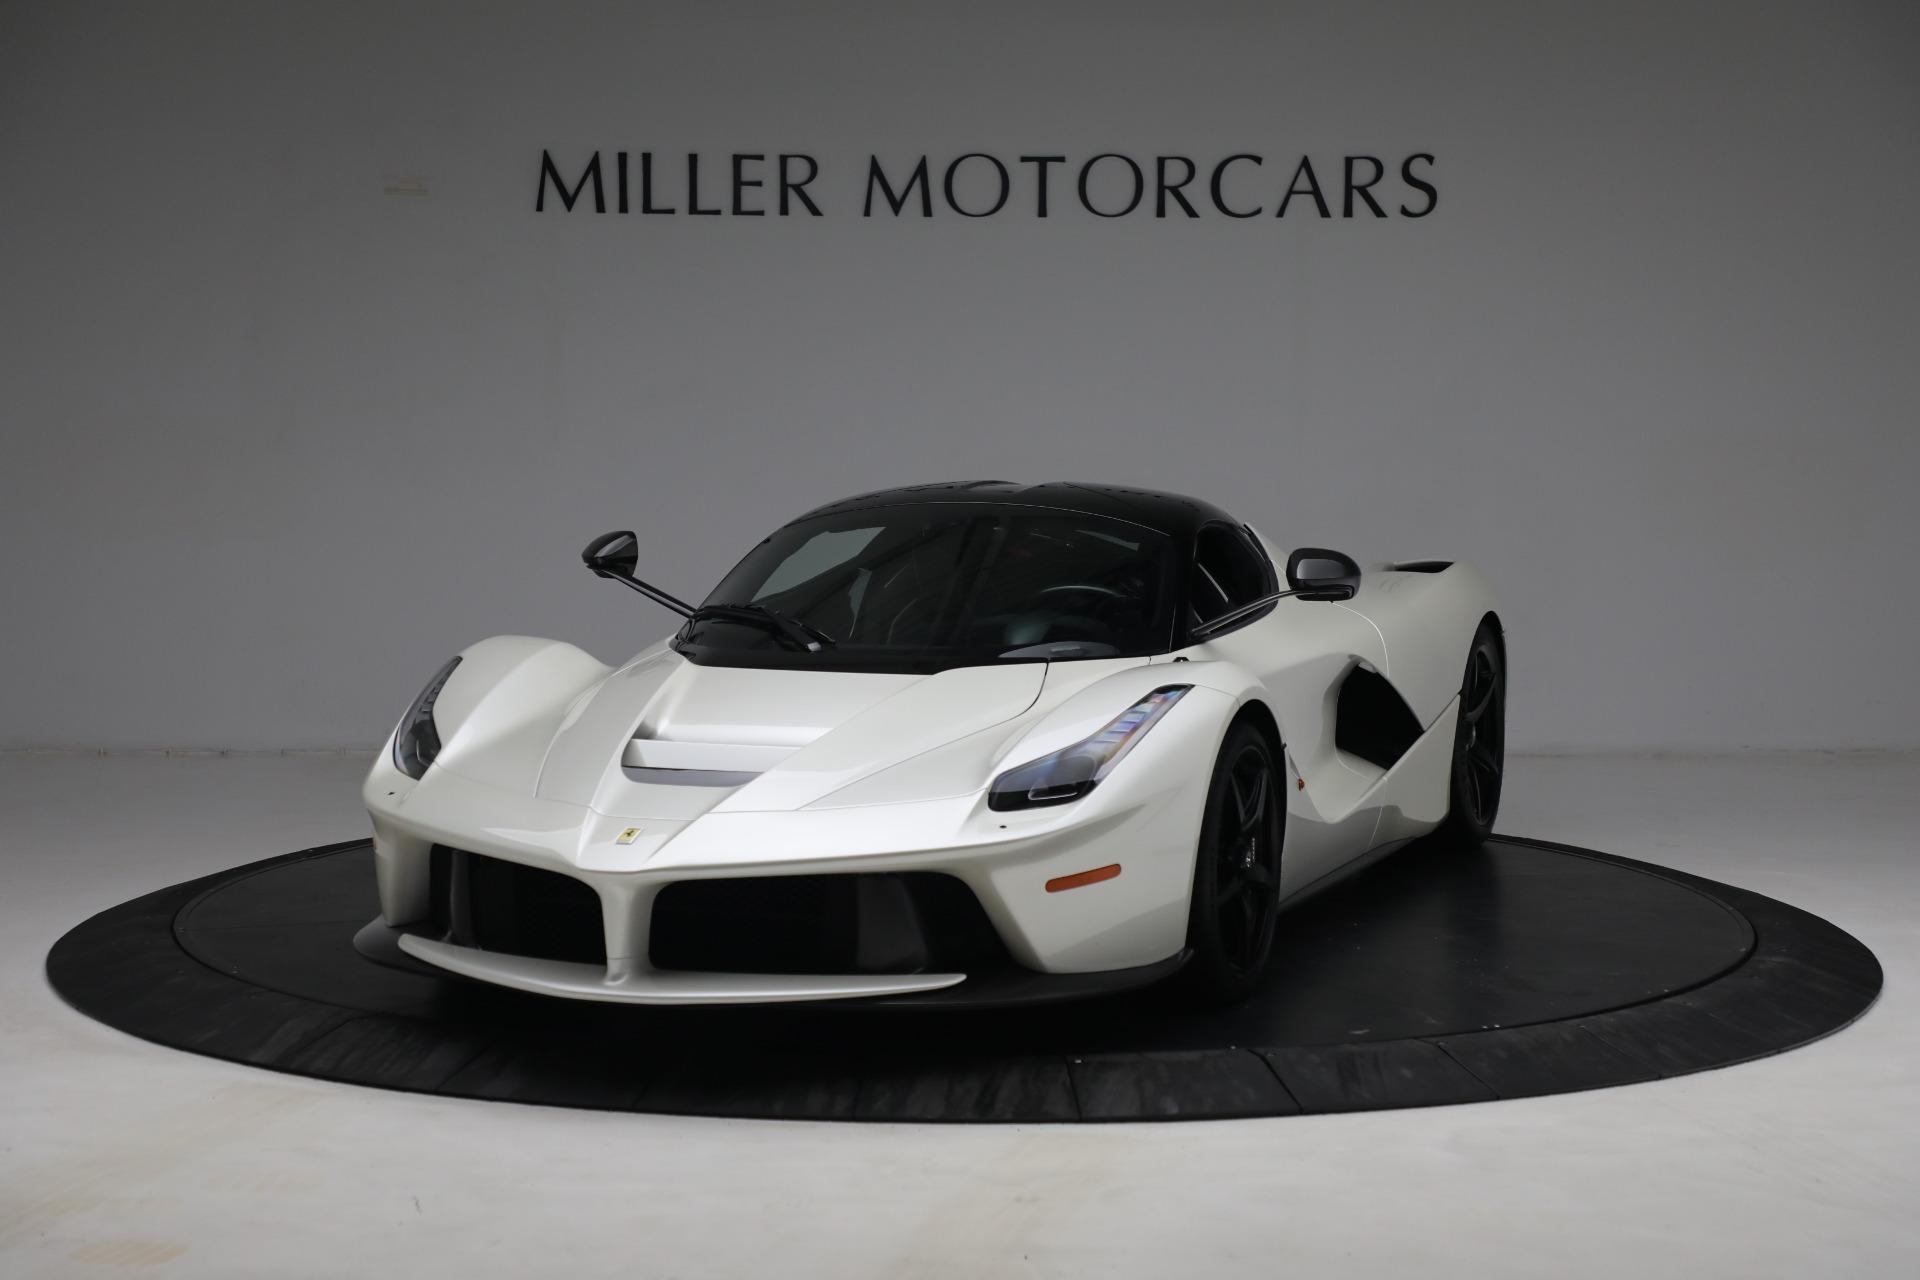 Used 2014 Ferrari LaFerrari for sale Call for price at Pagani of Greenwich in Greenwich CT 06830 1